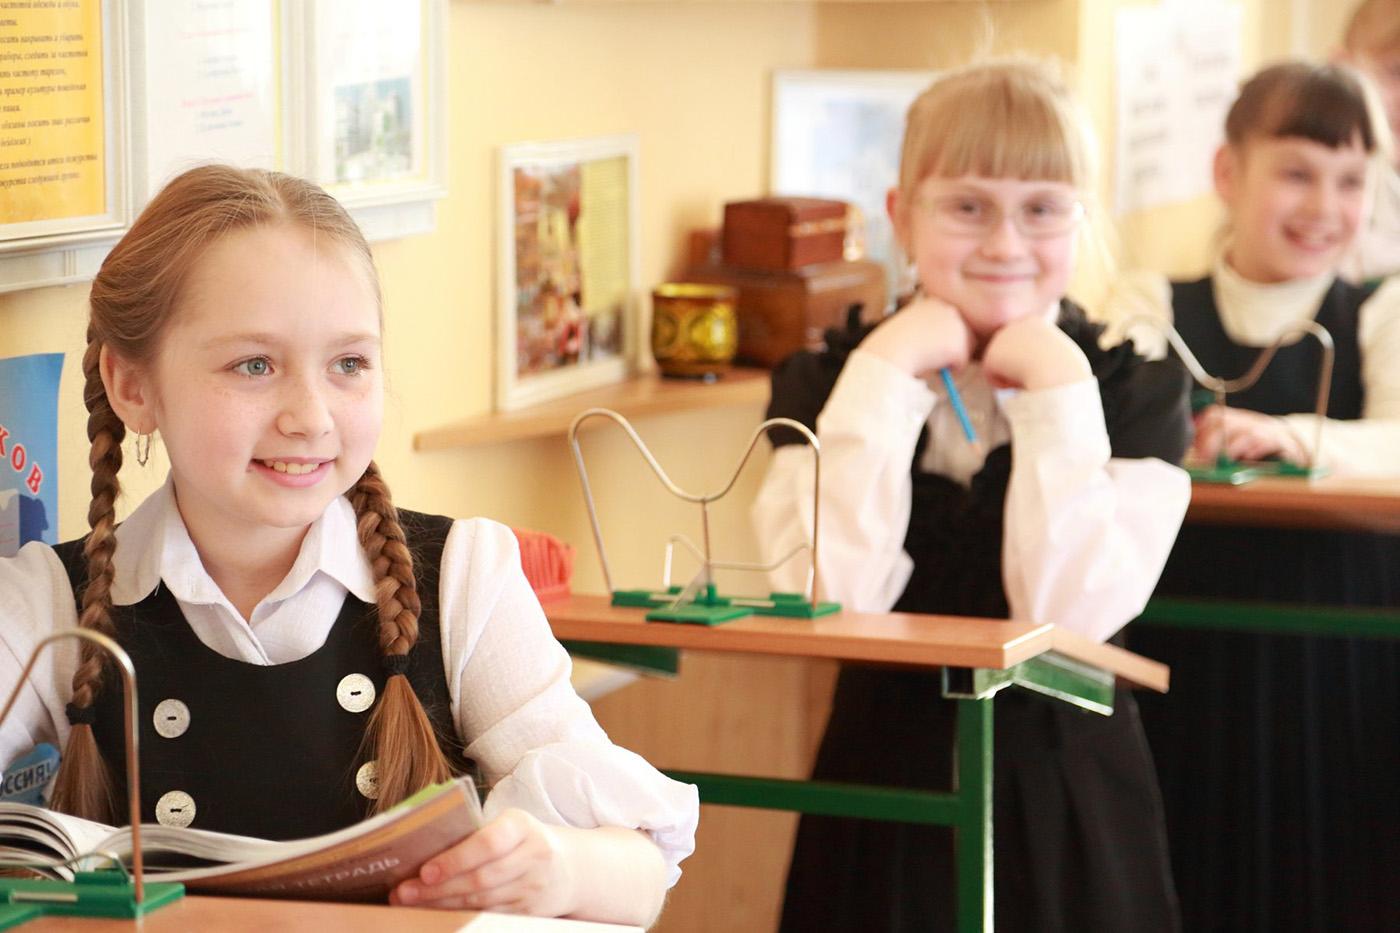 Класс девочек в школе №115 г. Ярославль